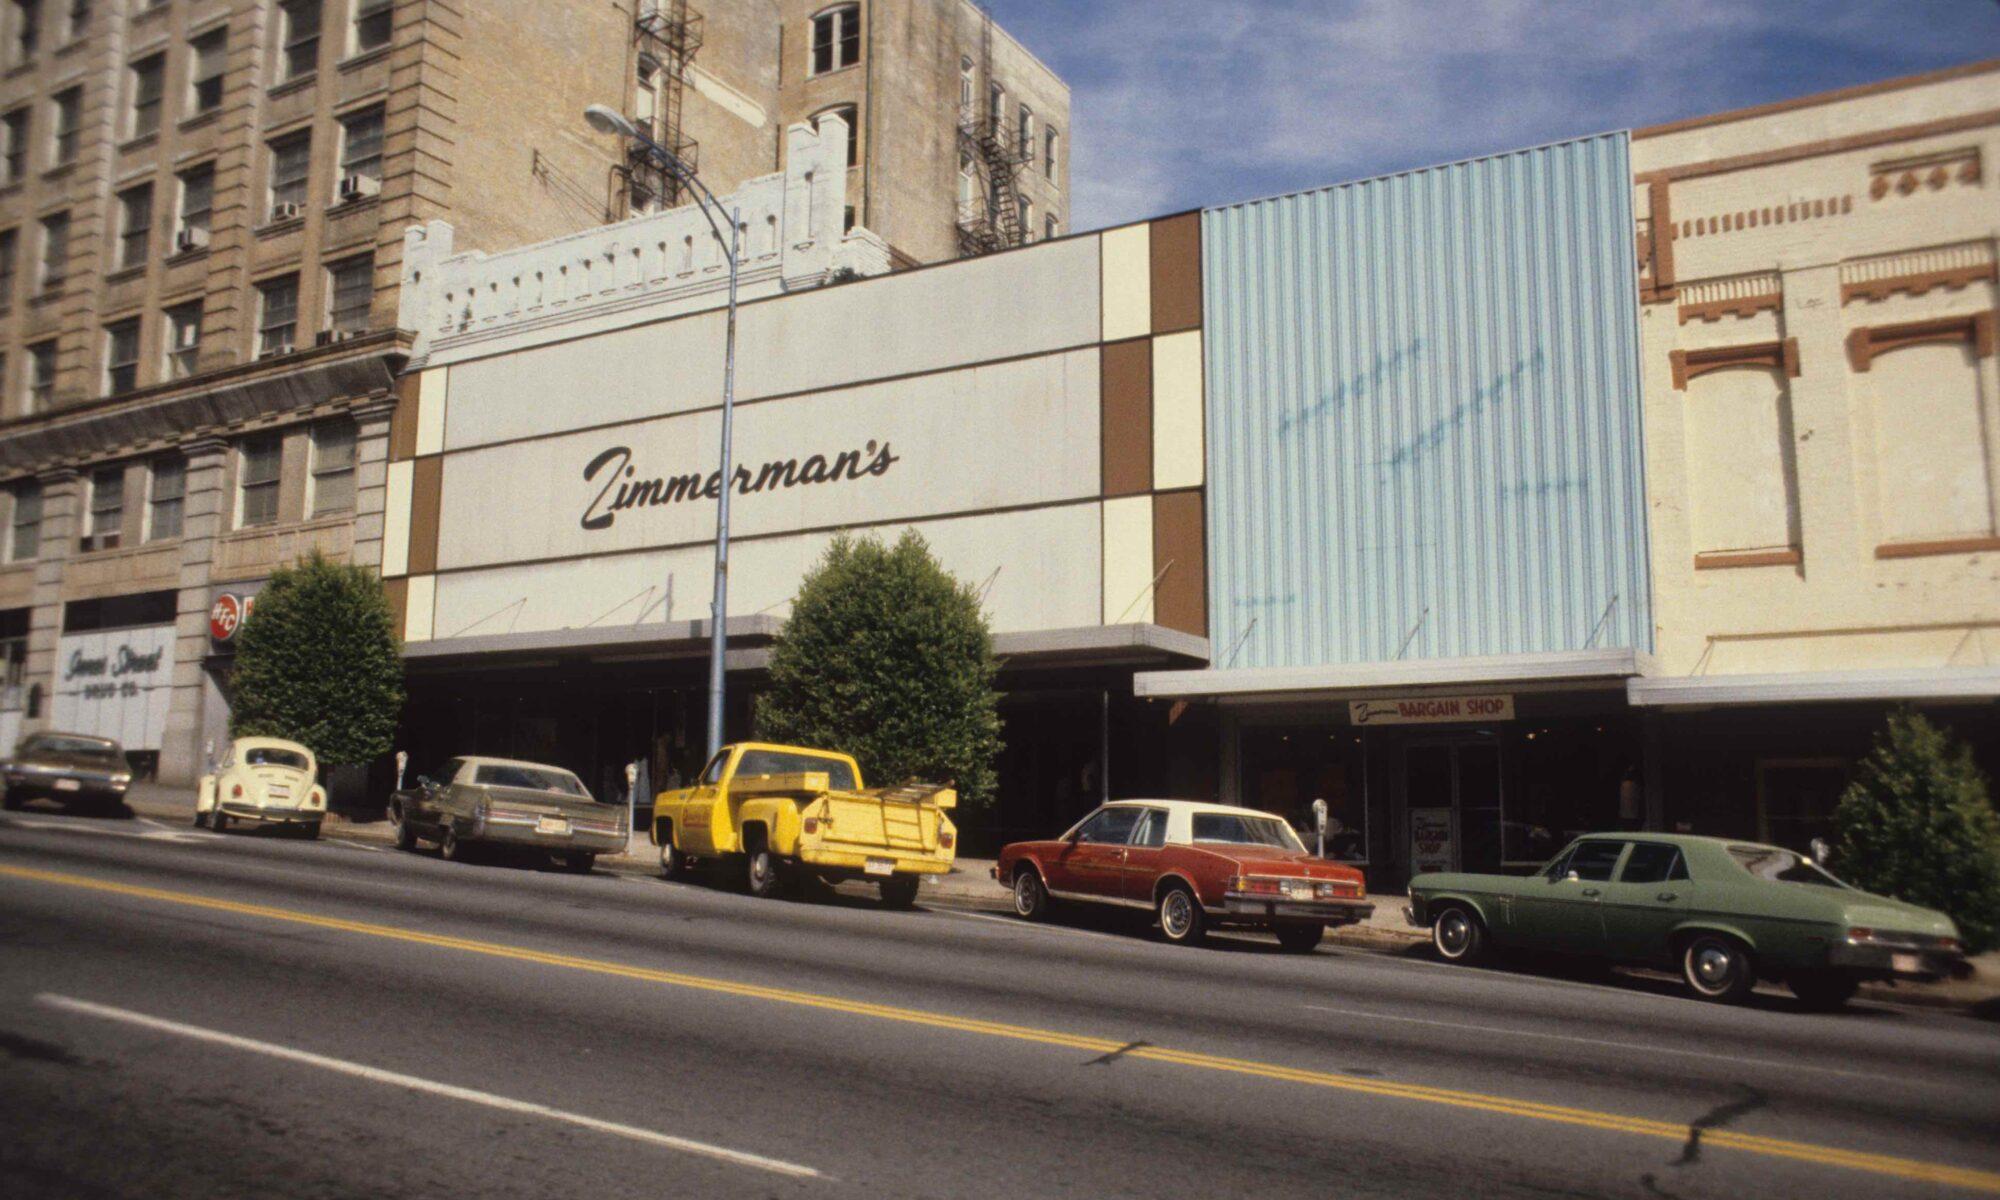 Zimmerman's